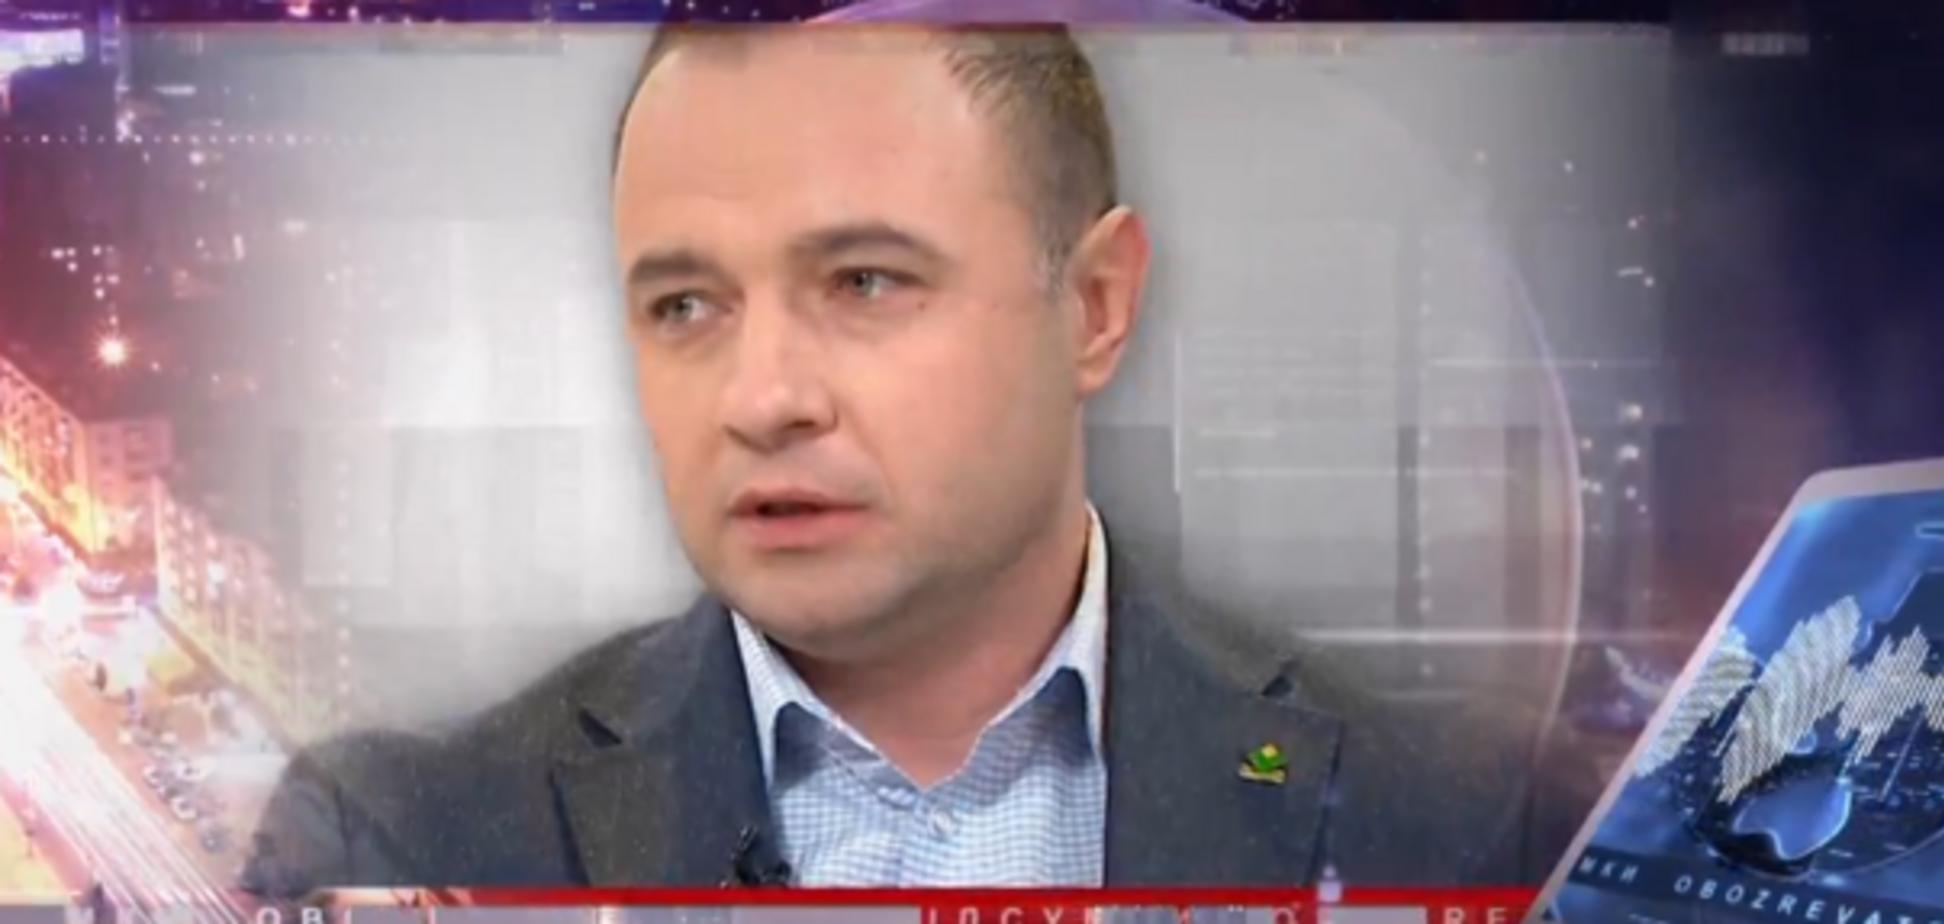 Винні зарубіжні виробники: фармацевт пояснив високу ціну на імпортні ліки в Україні